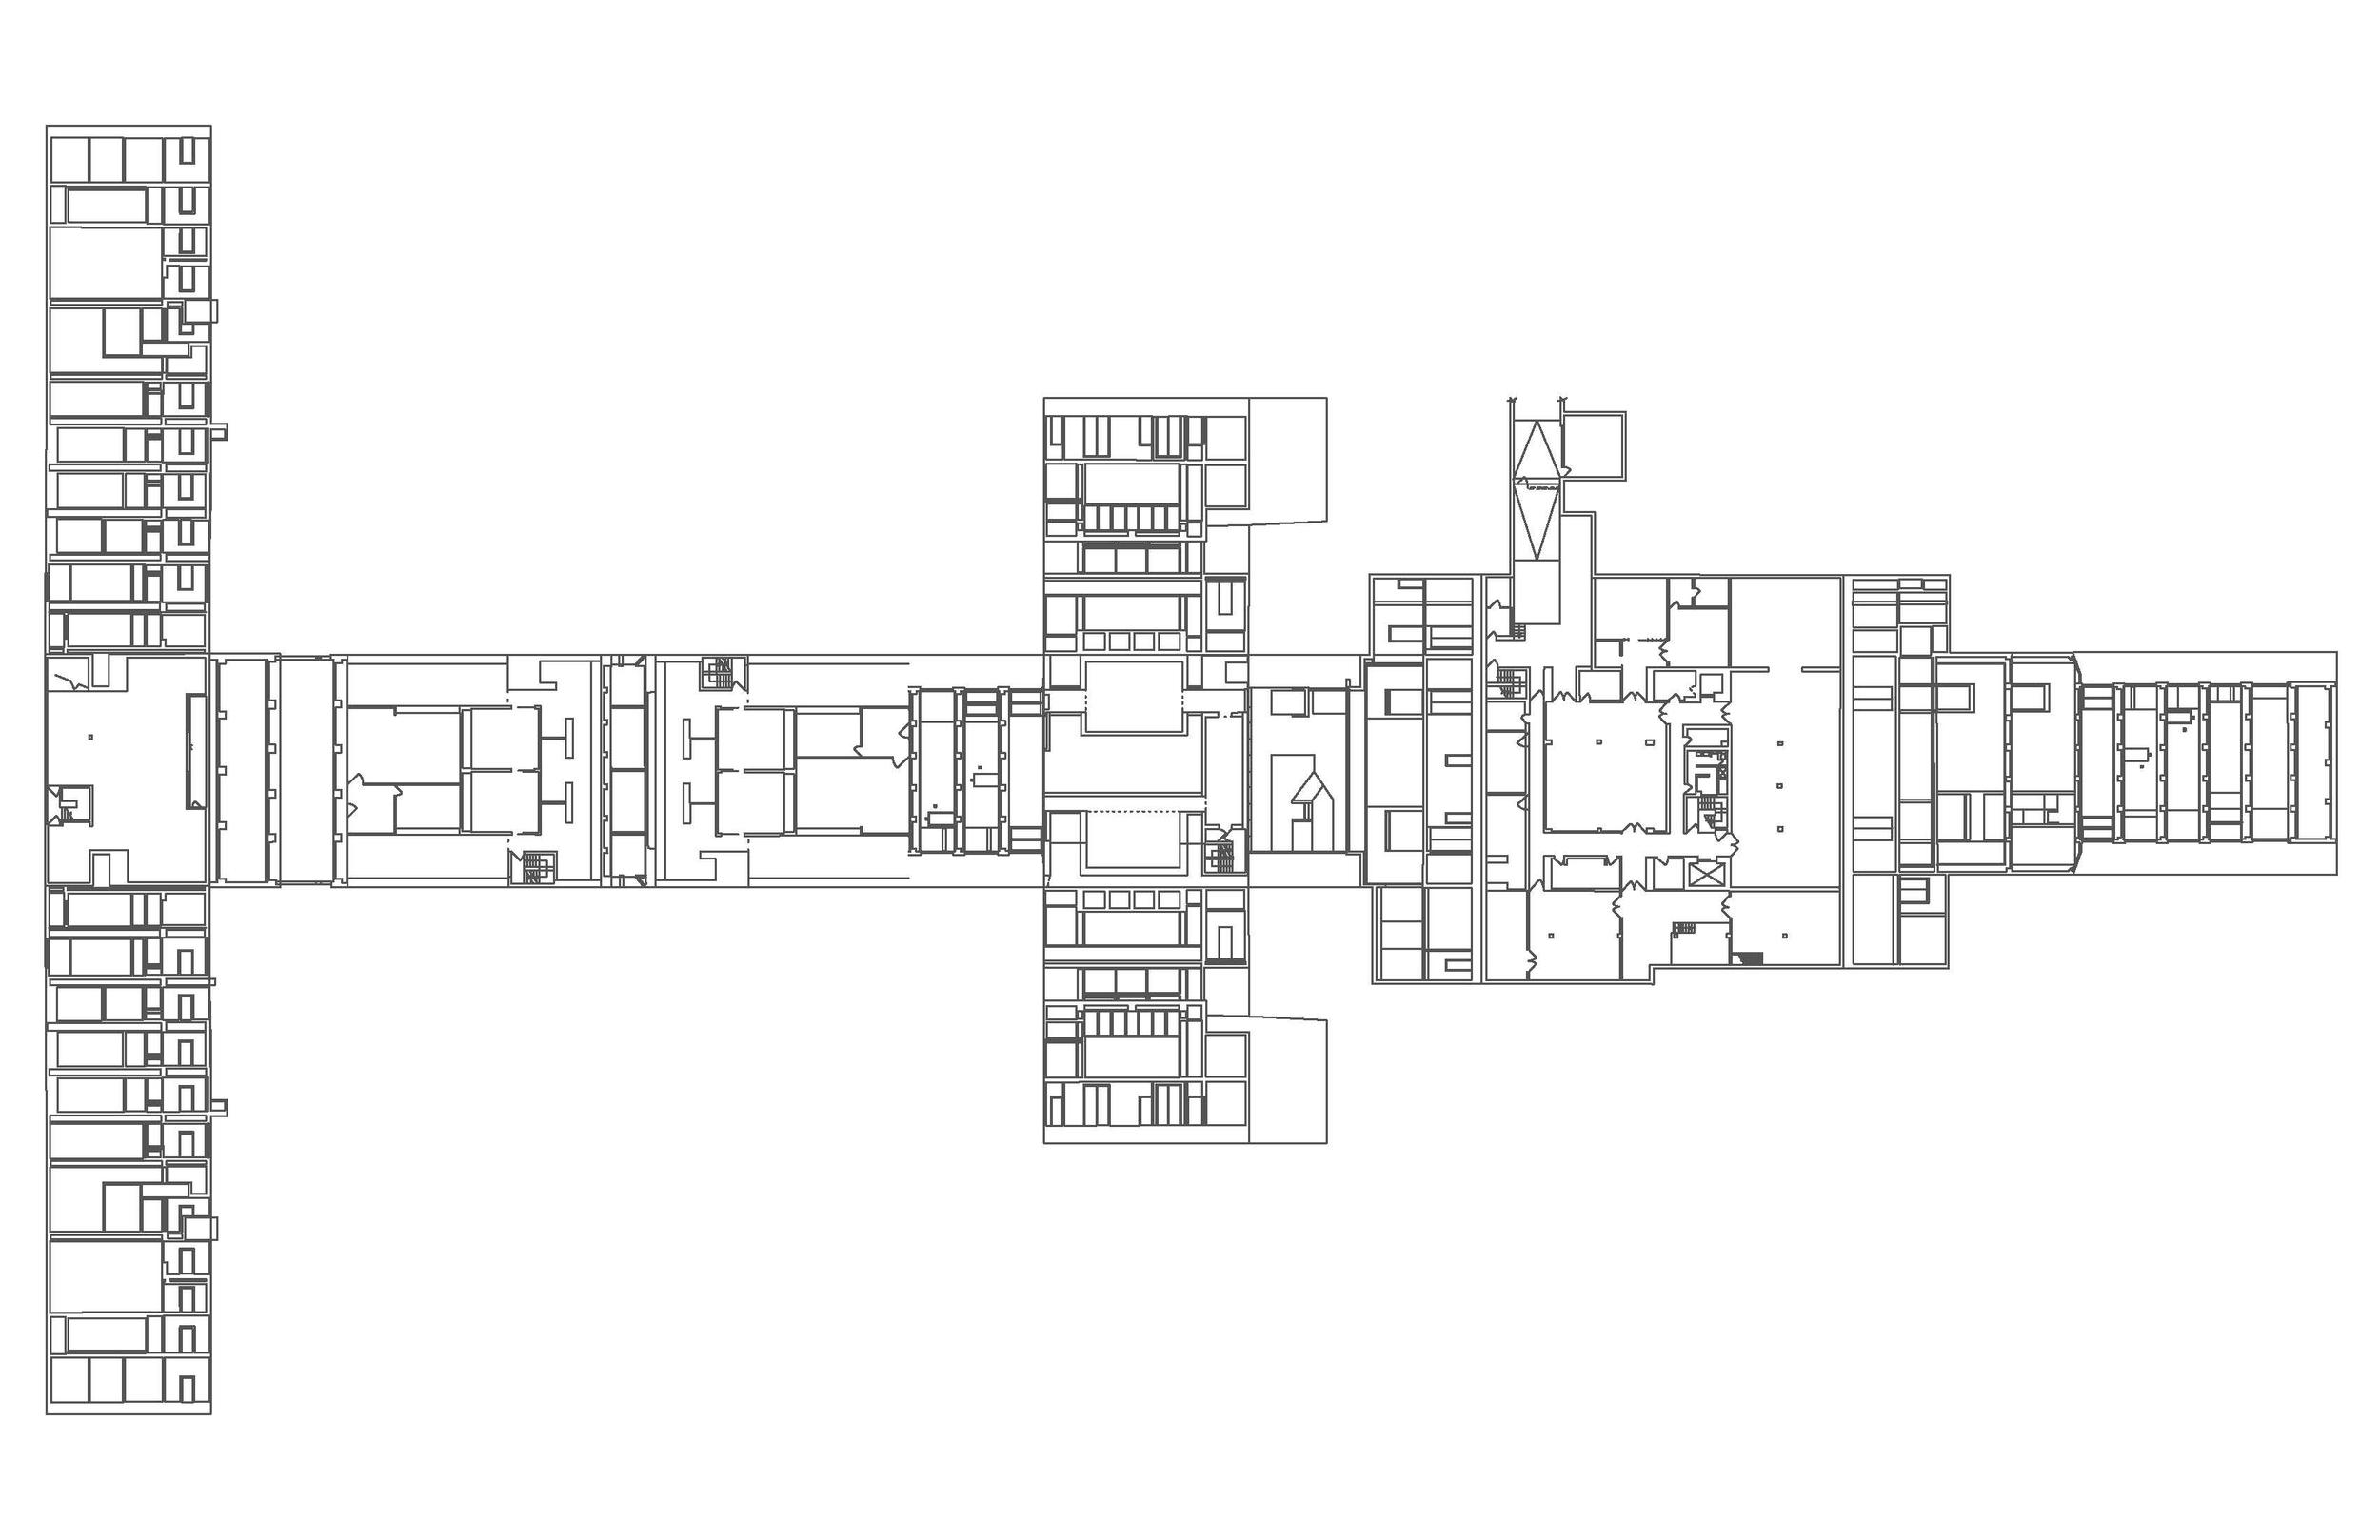 11SP_ARCH1102_ALVAREZ_P2_DIAGRAM_02 (2).jpg